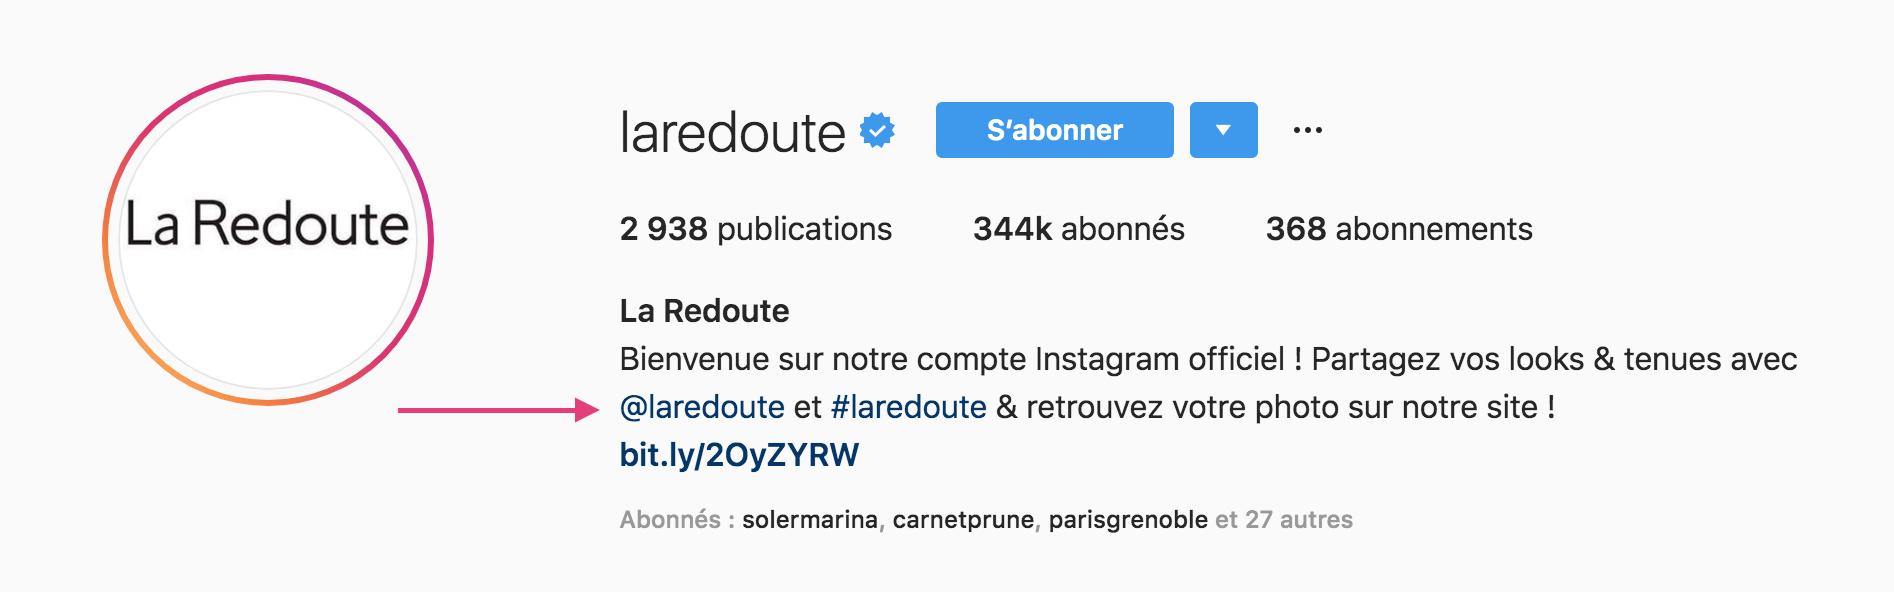 bio-instagram-laredoute